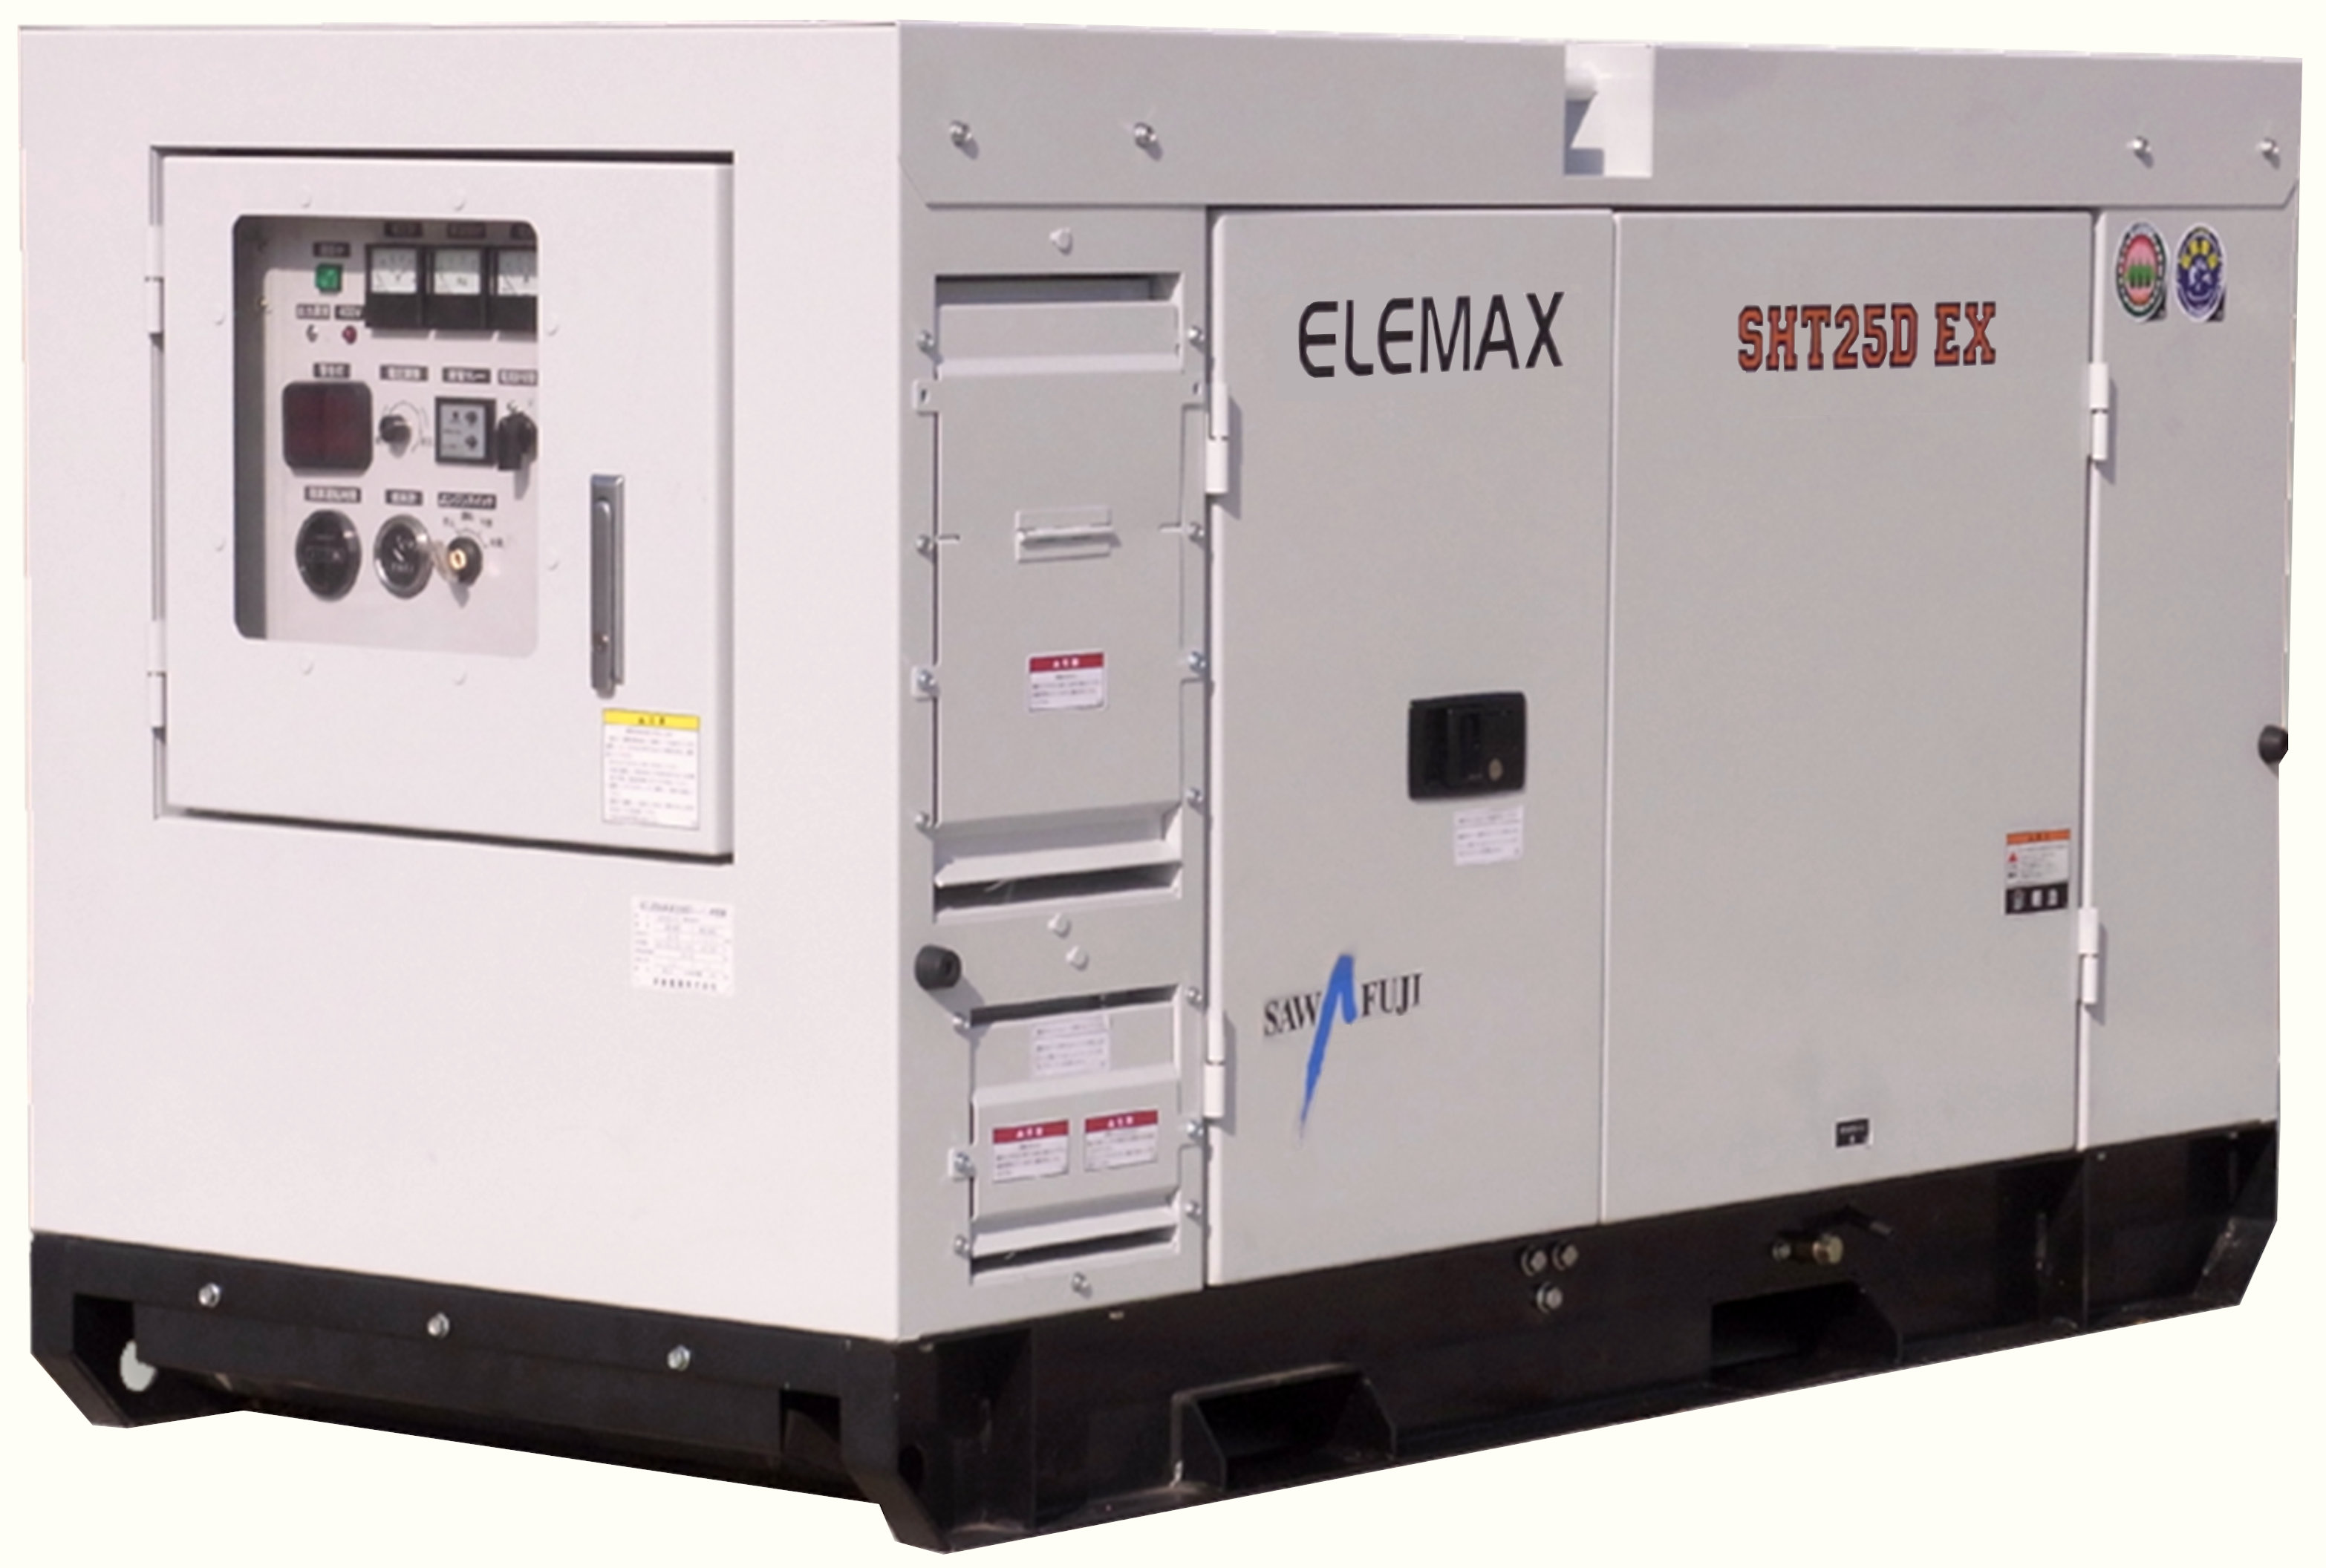 ELEMAX SHT25D_EX